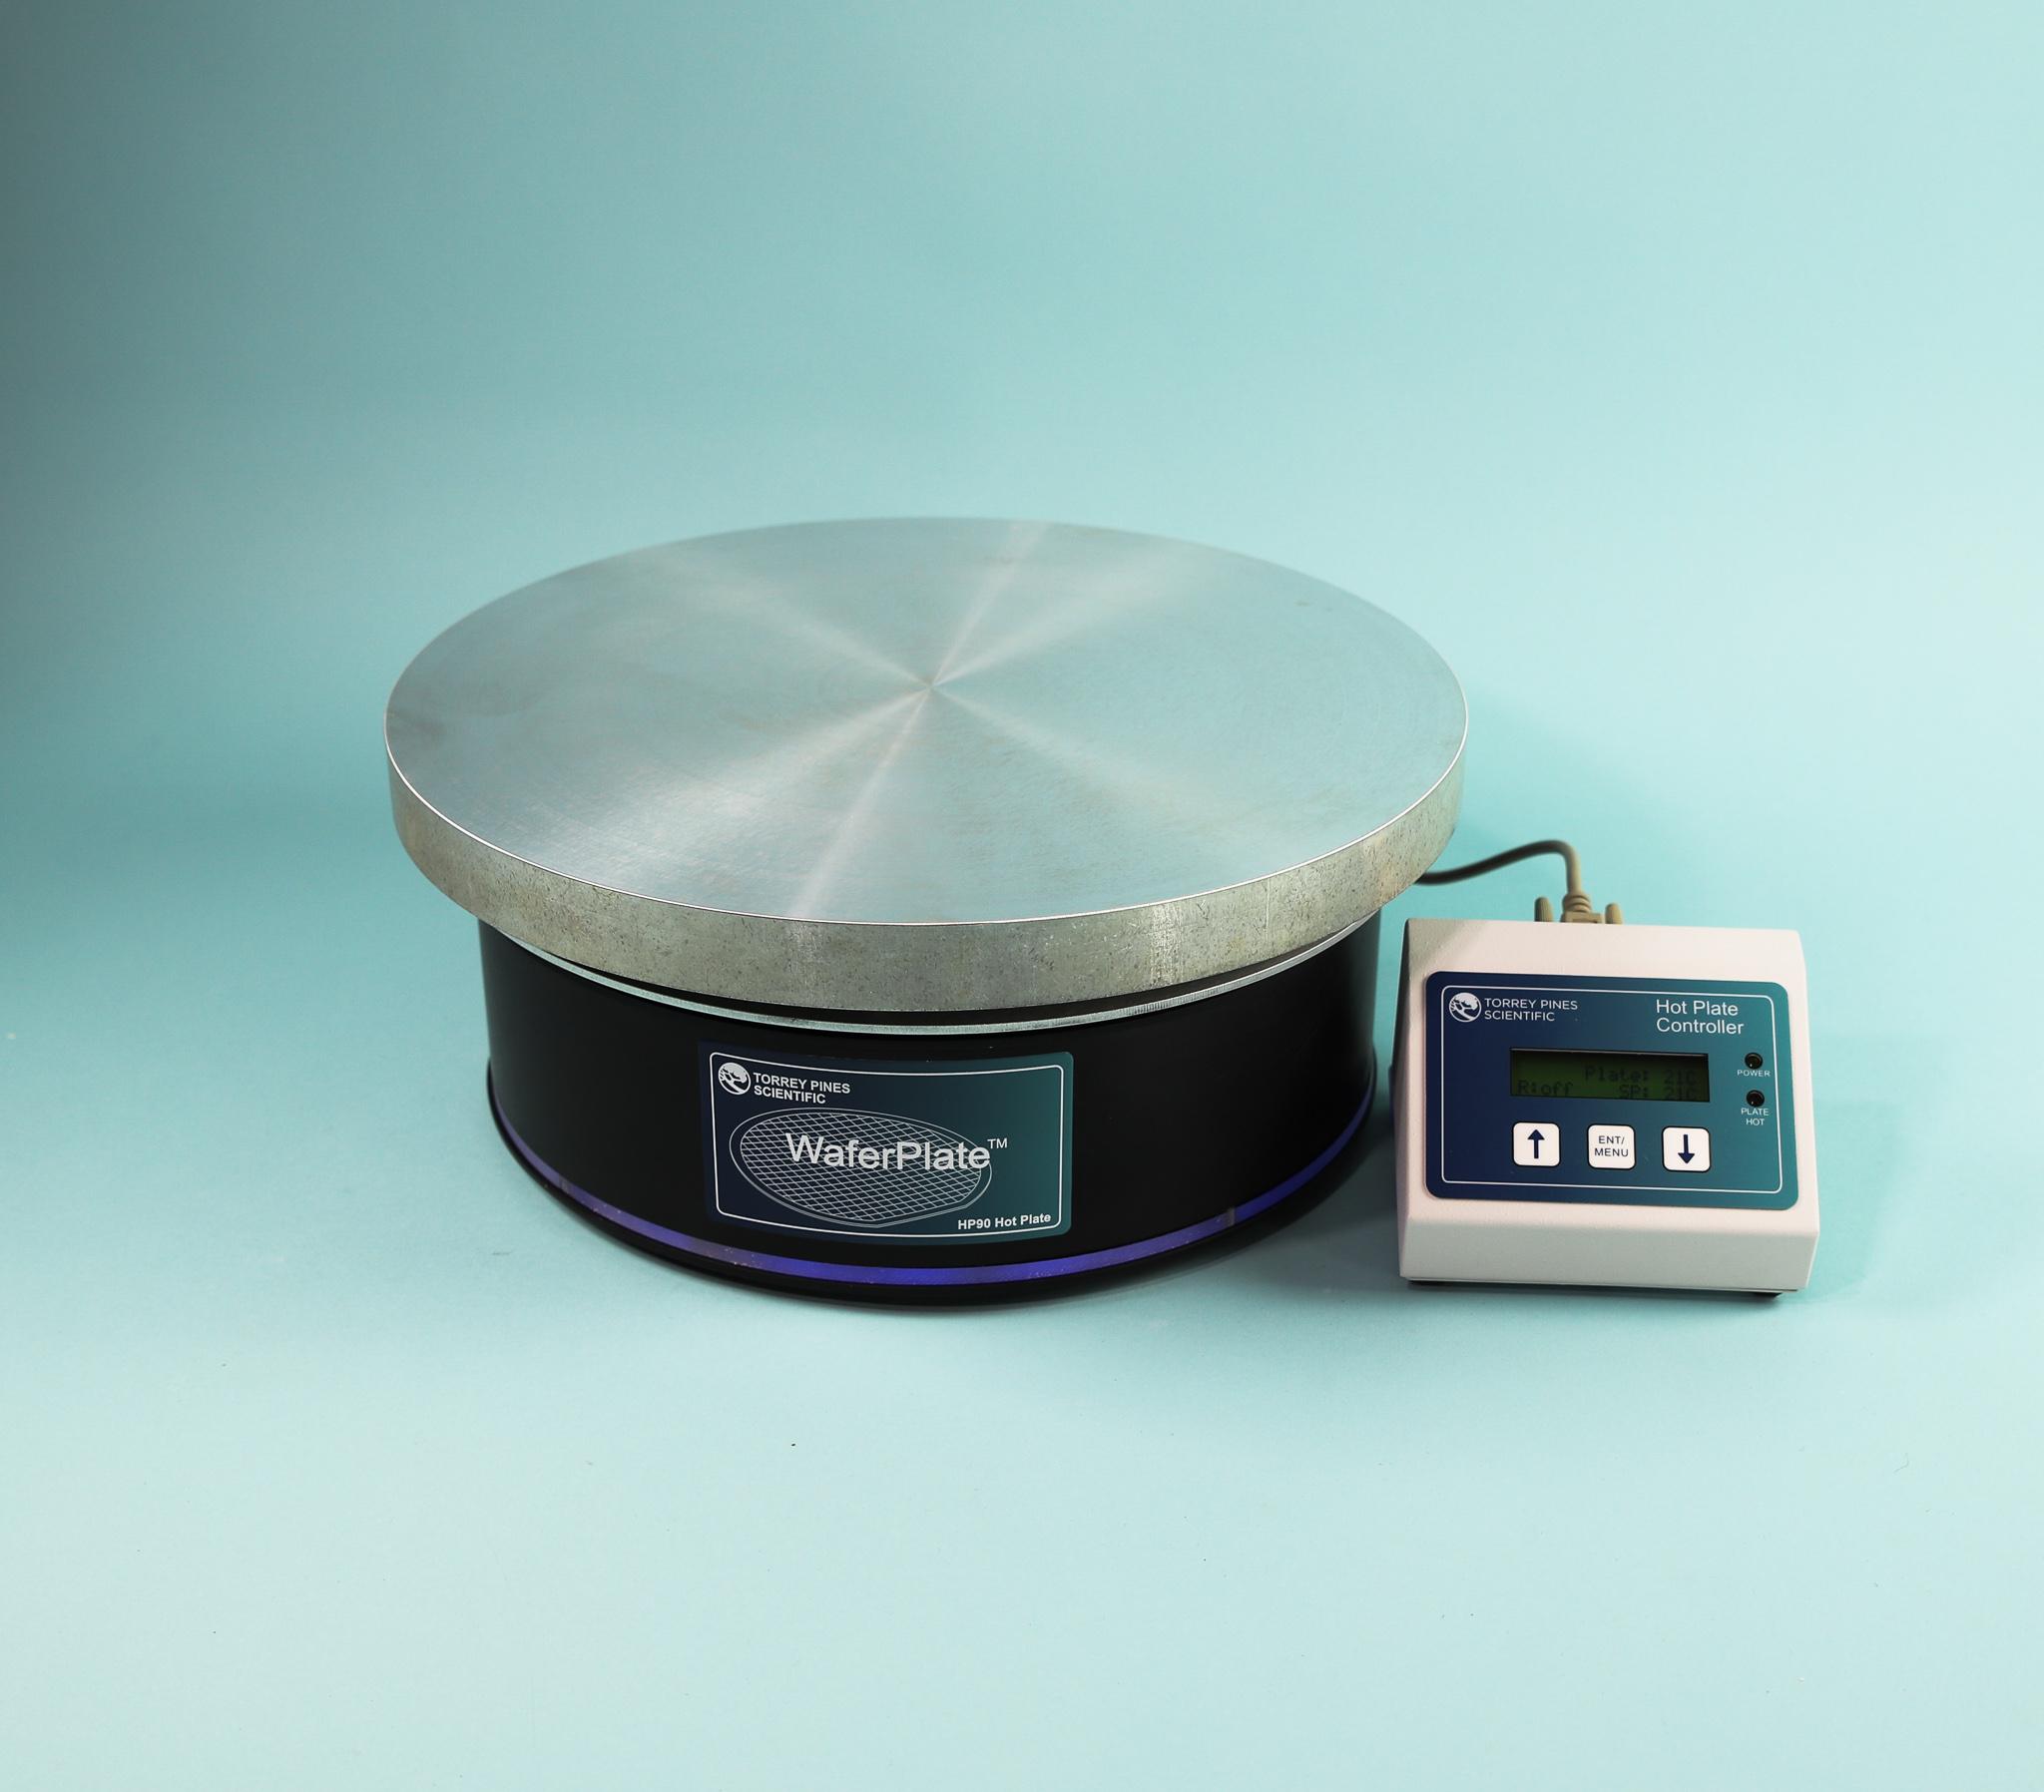 Torrey PInes Scientific HP90 Digital Wafer Plate